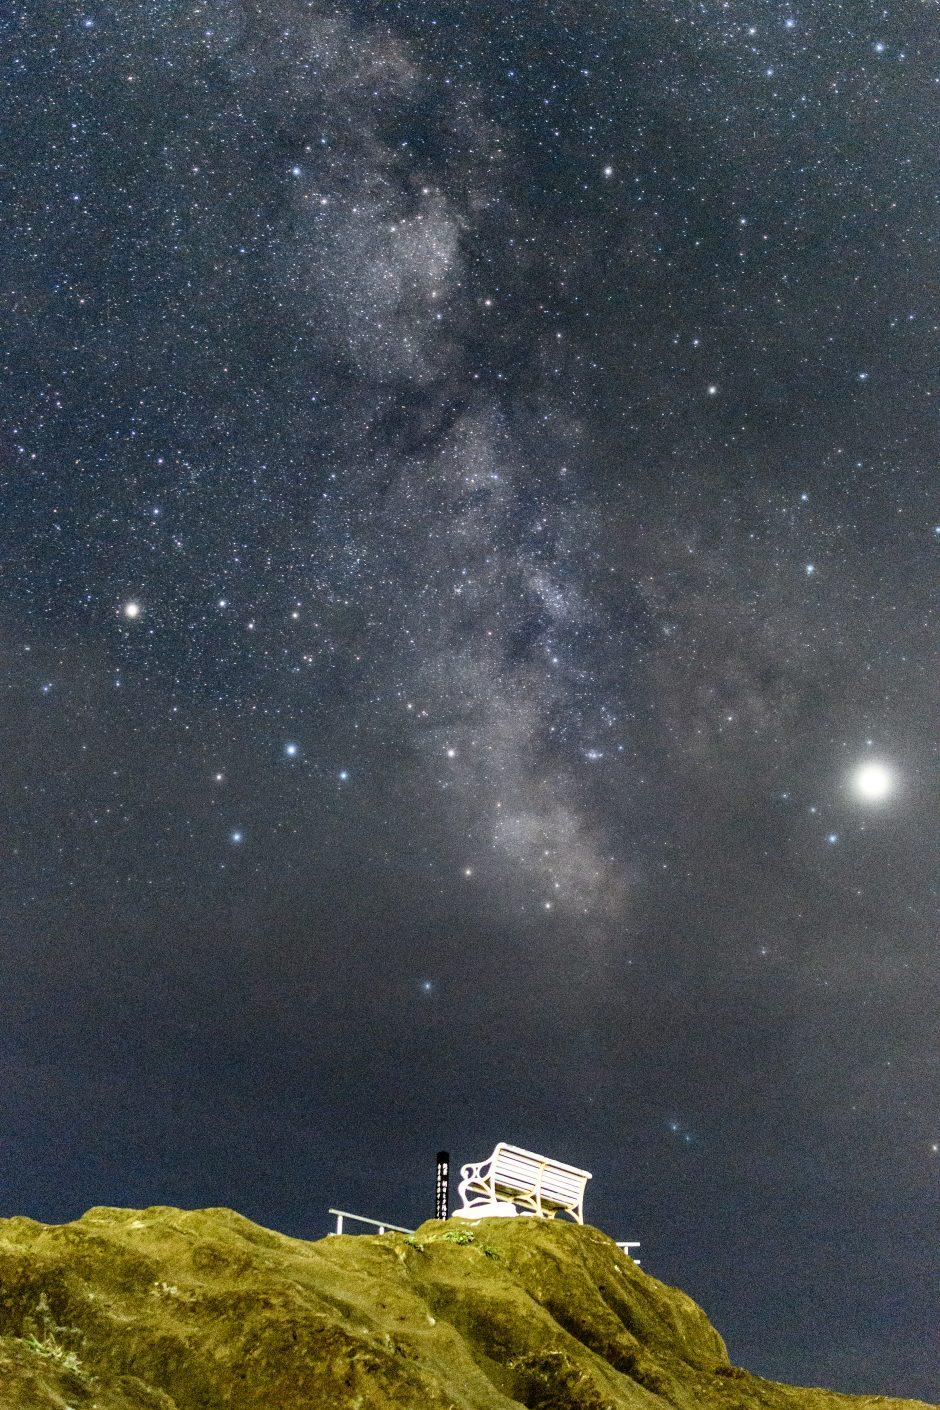 野島崎灯台で撮影したベンチと天の川